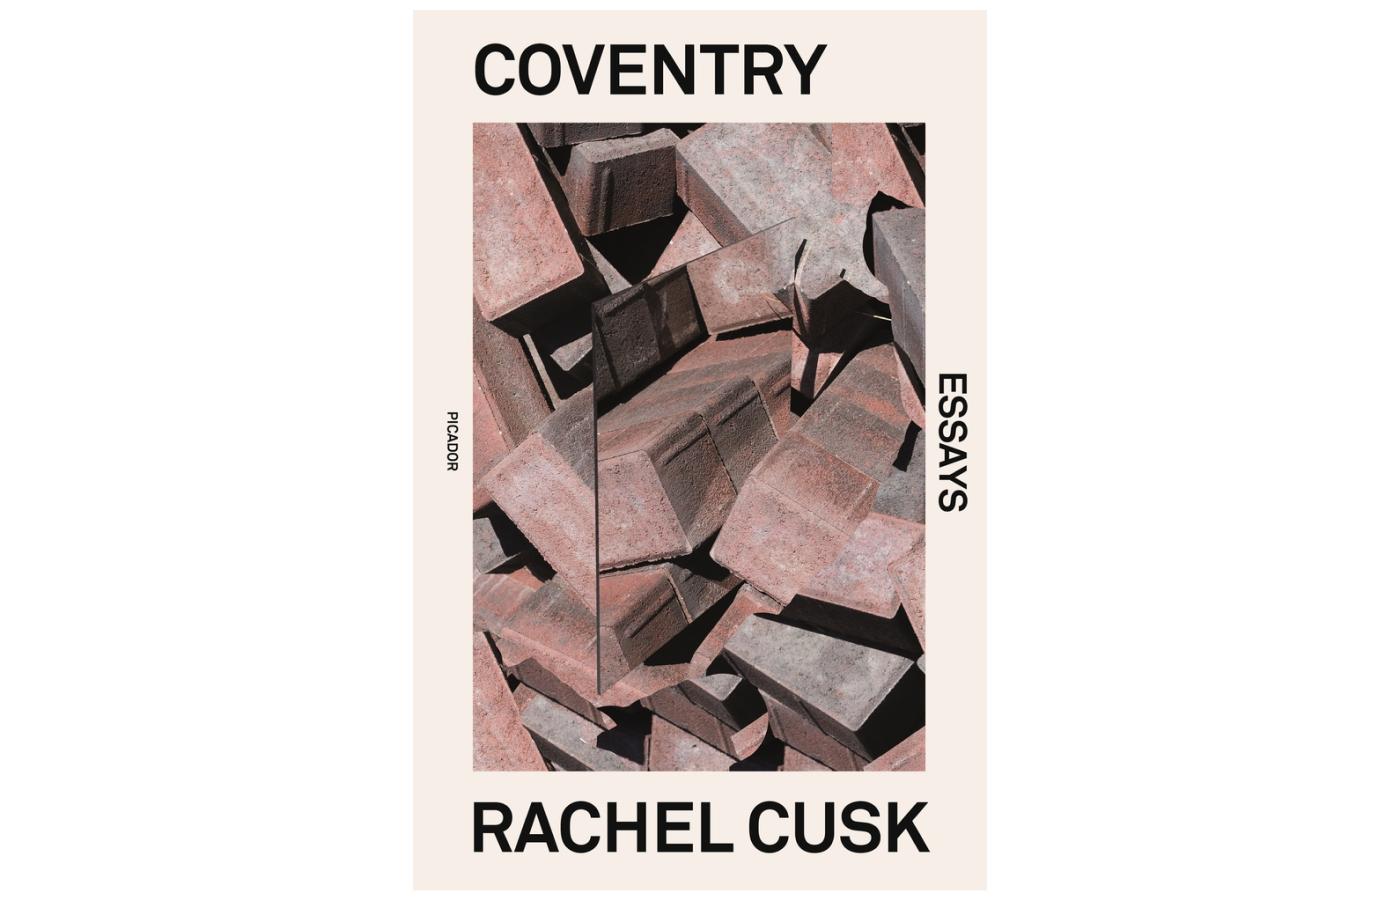 rachel cusk coventry